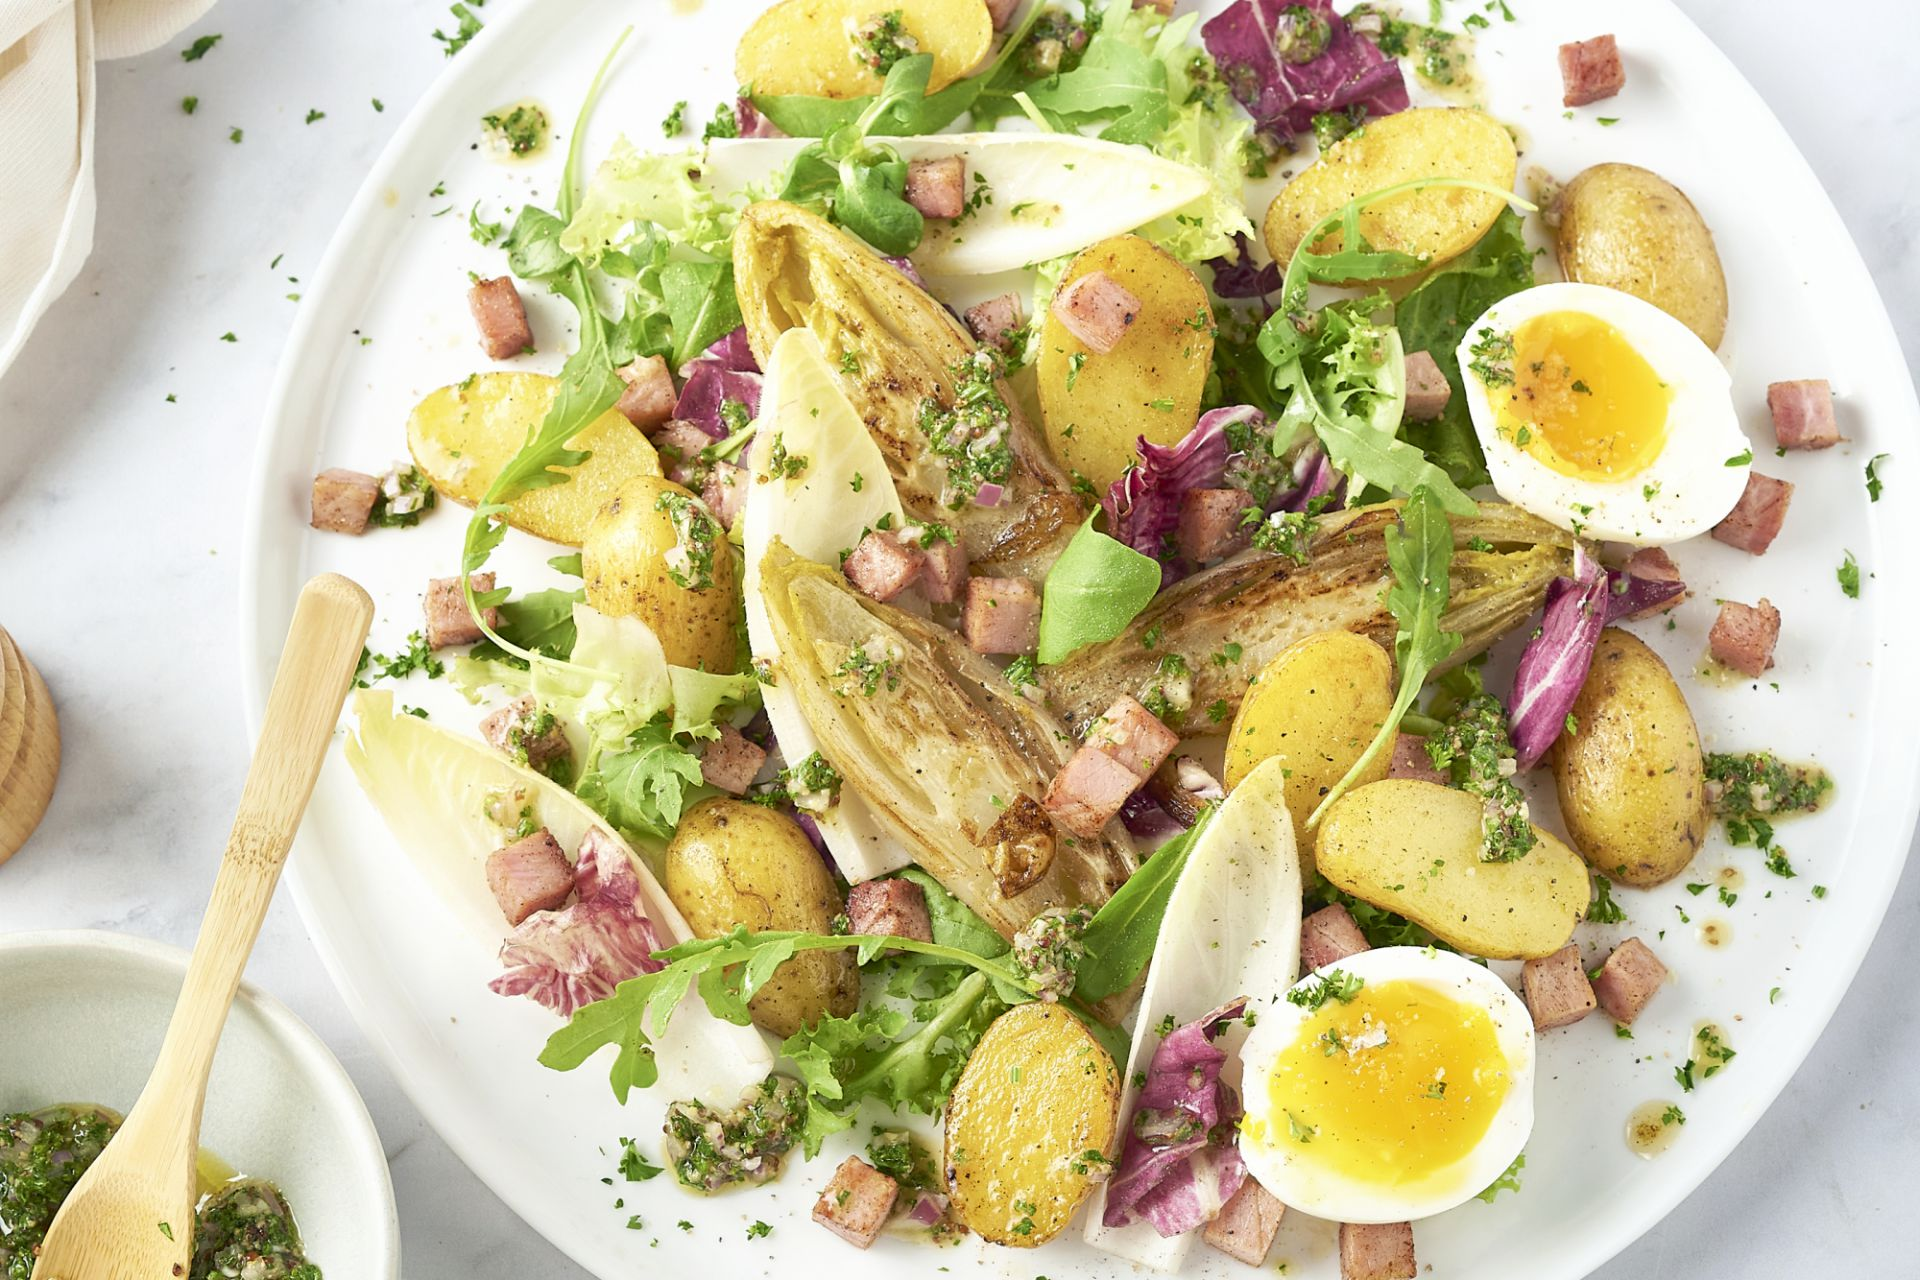 Luikse salade met witloof en hamblokjes